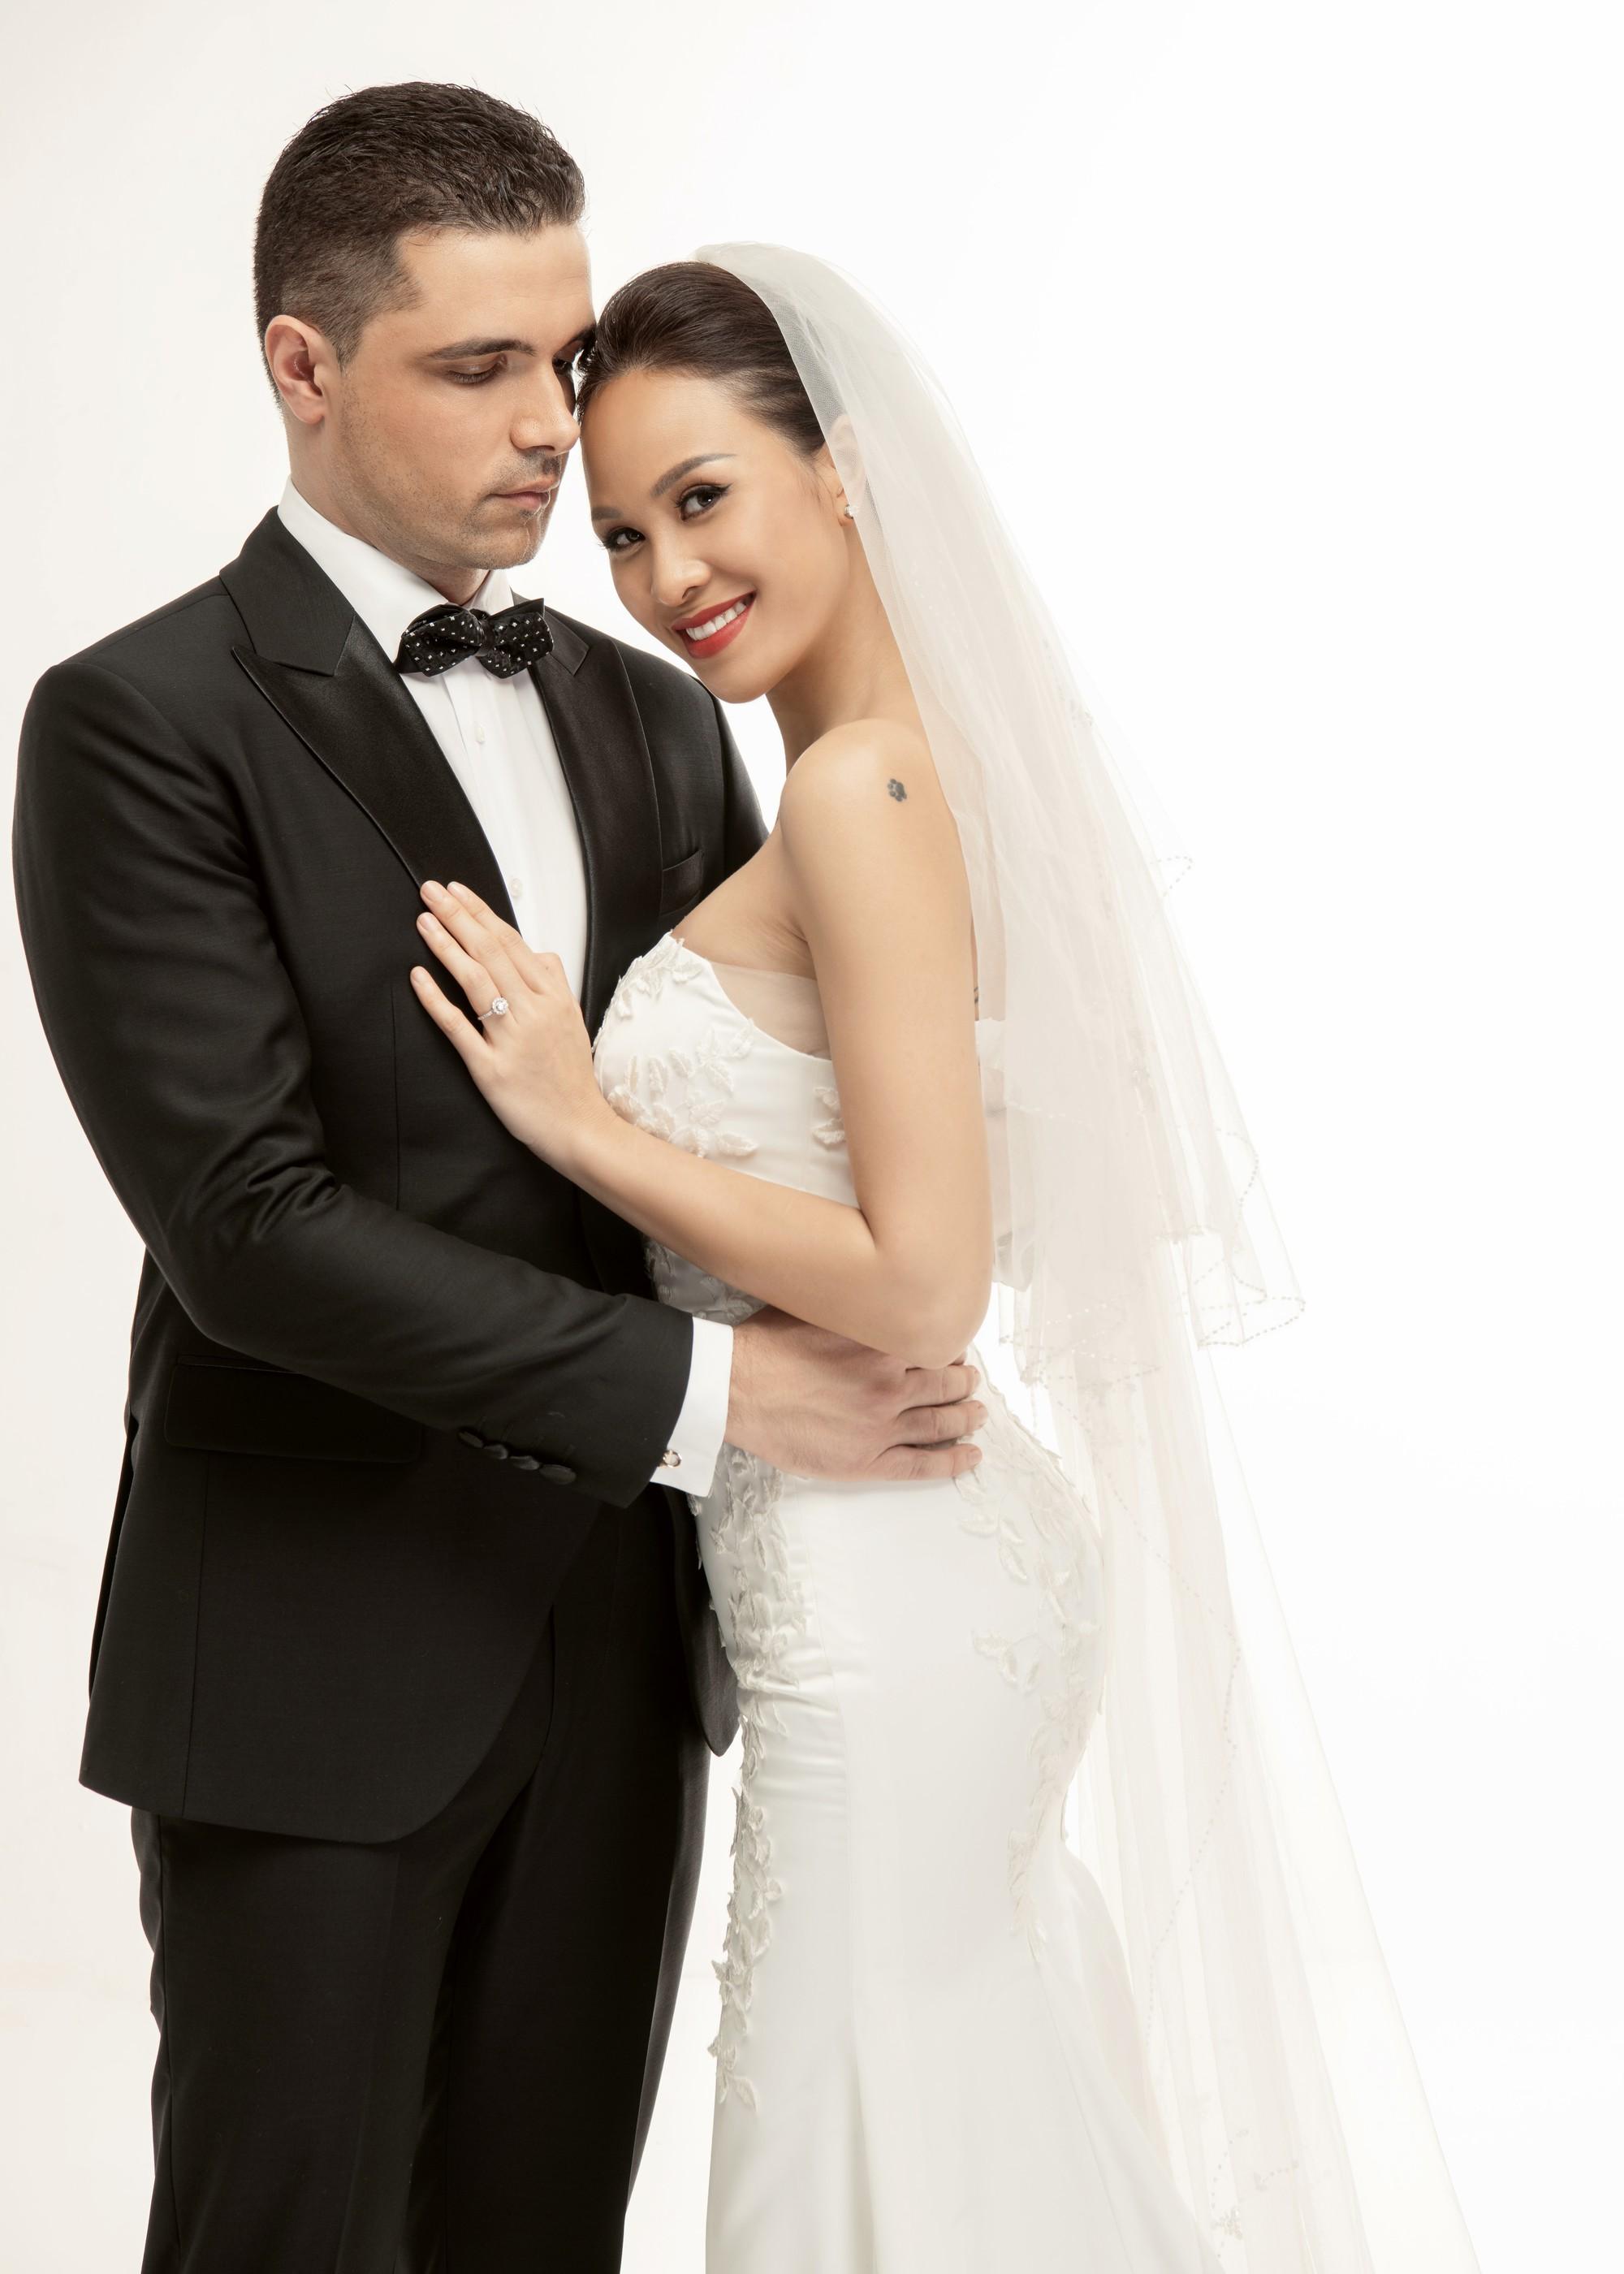 Trọn bộ ảnh cưới ngọt ngào đến tan chảy của Phương Mai và chồng Tây đẹp trai như tài tử - Ảnh 4.